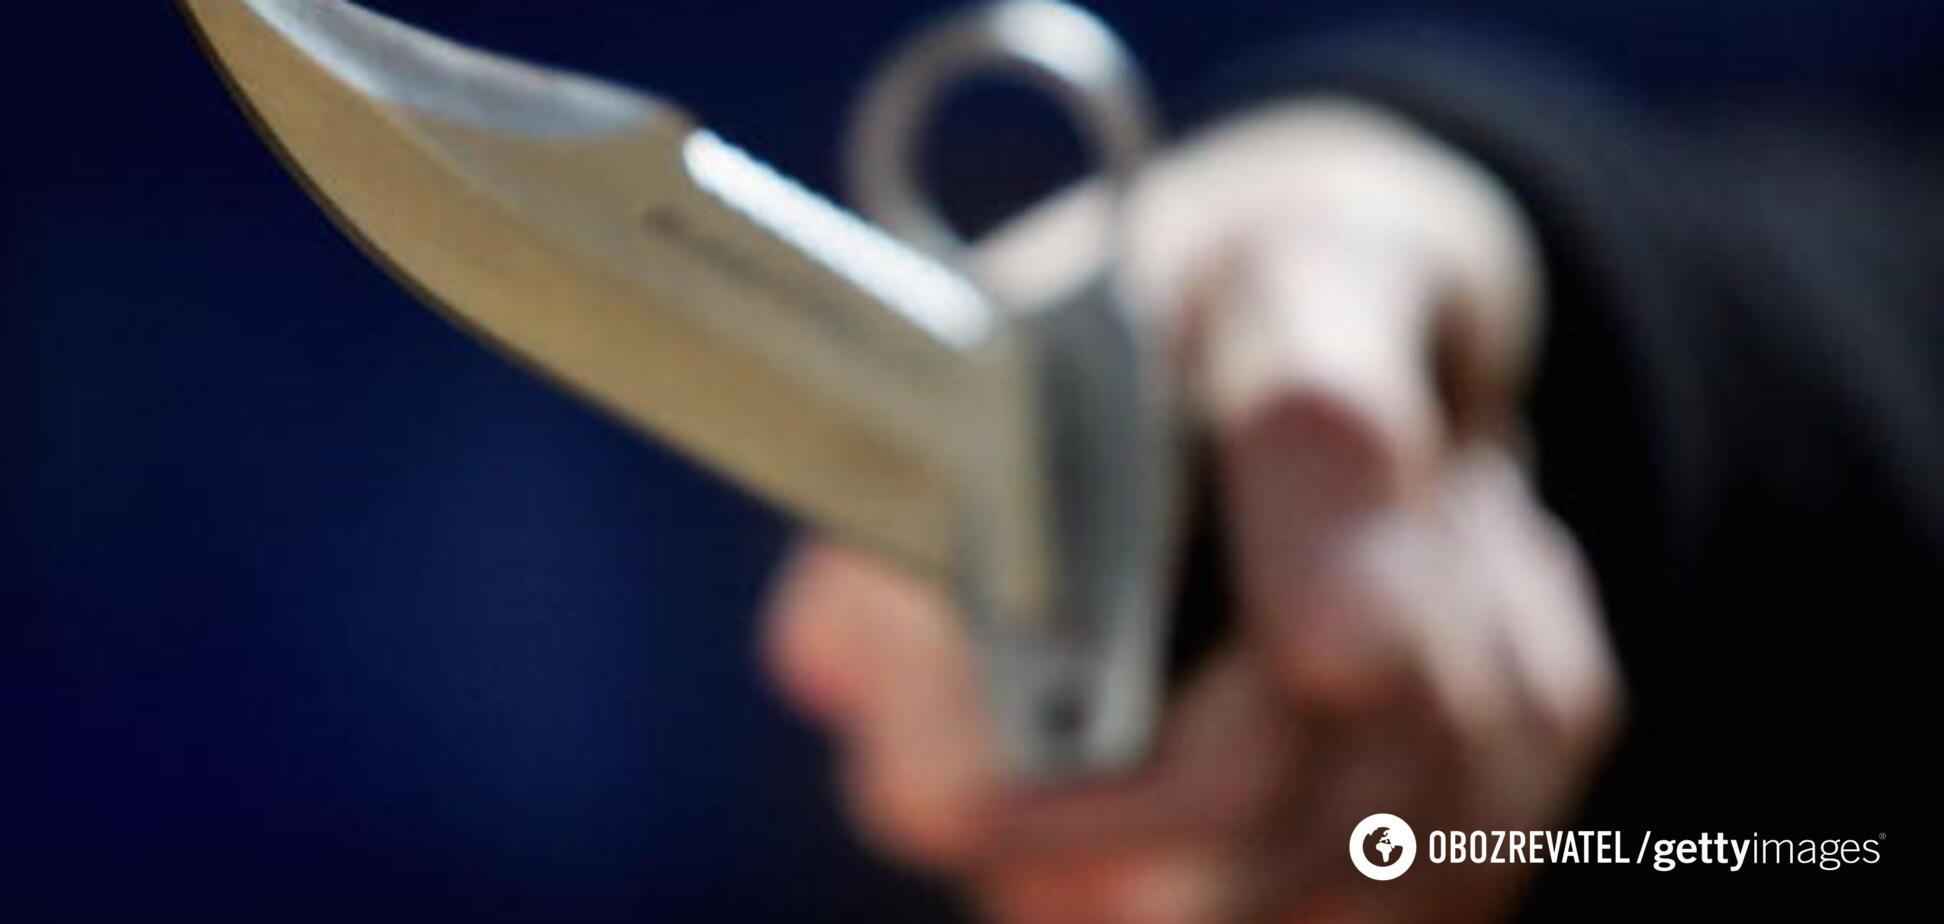 'Звали Россию – она пришла': в Крыму дагестанцы жестоко зарезали отца двоих детей